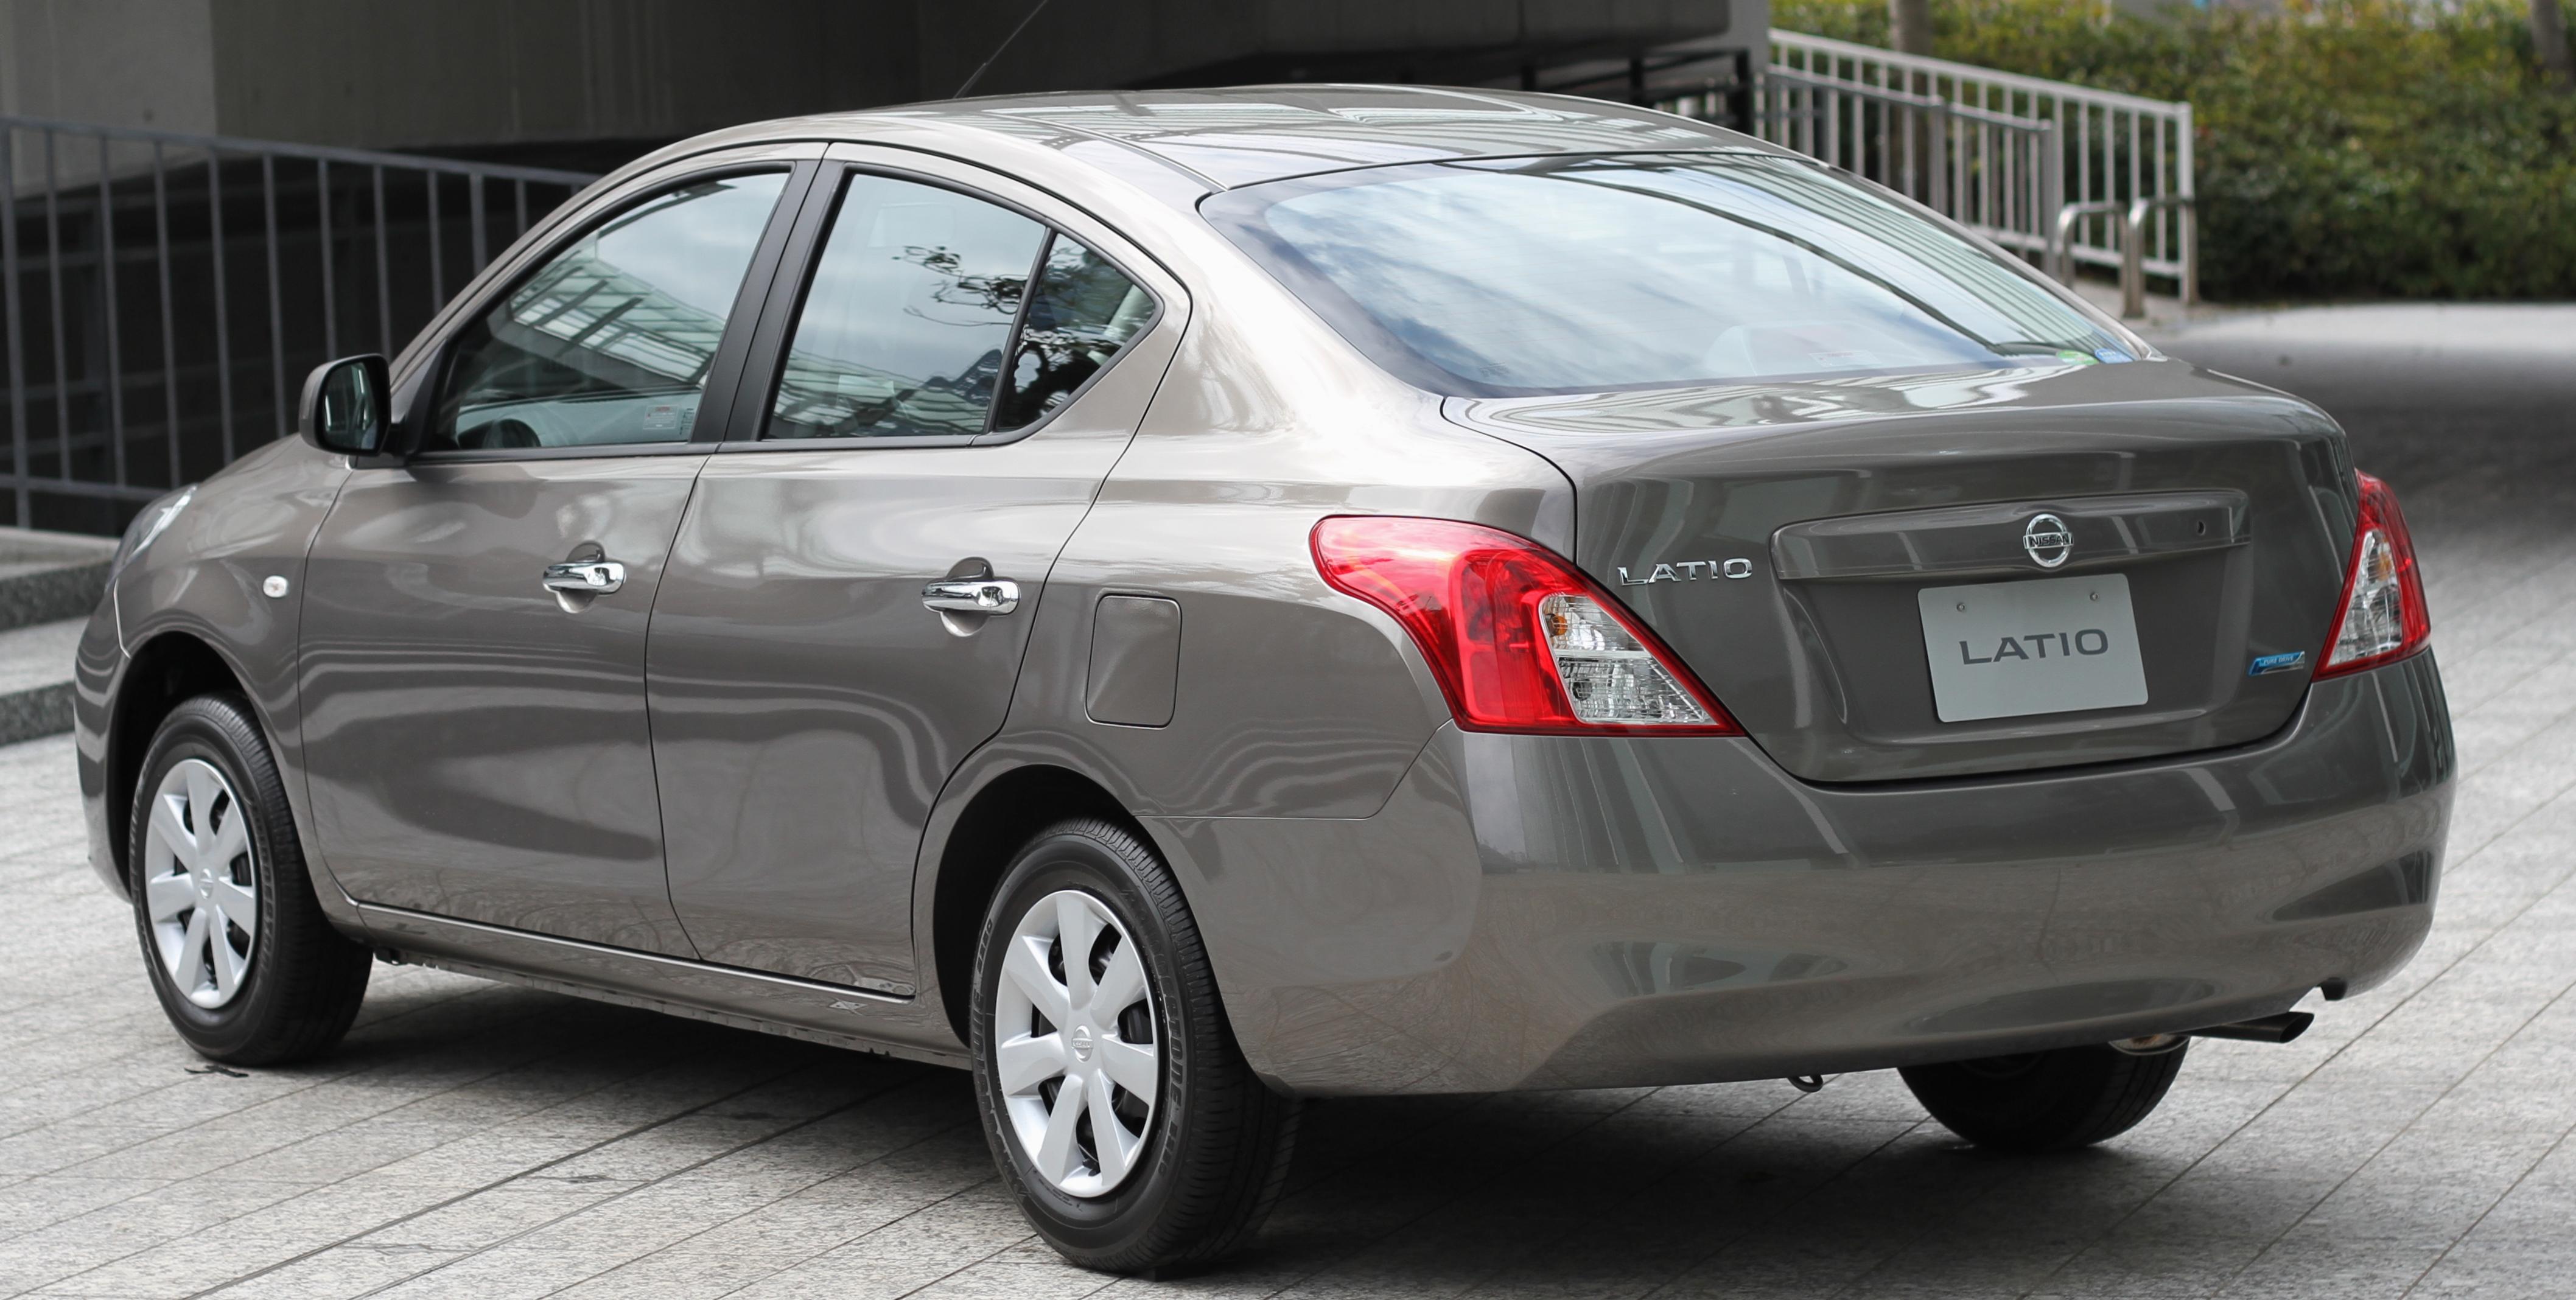 Nissan Latio I (N17) 2012 - 2014 Sedan #3